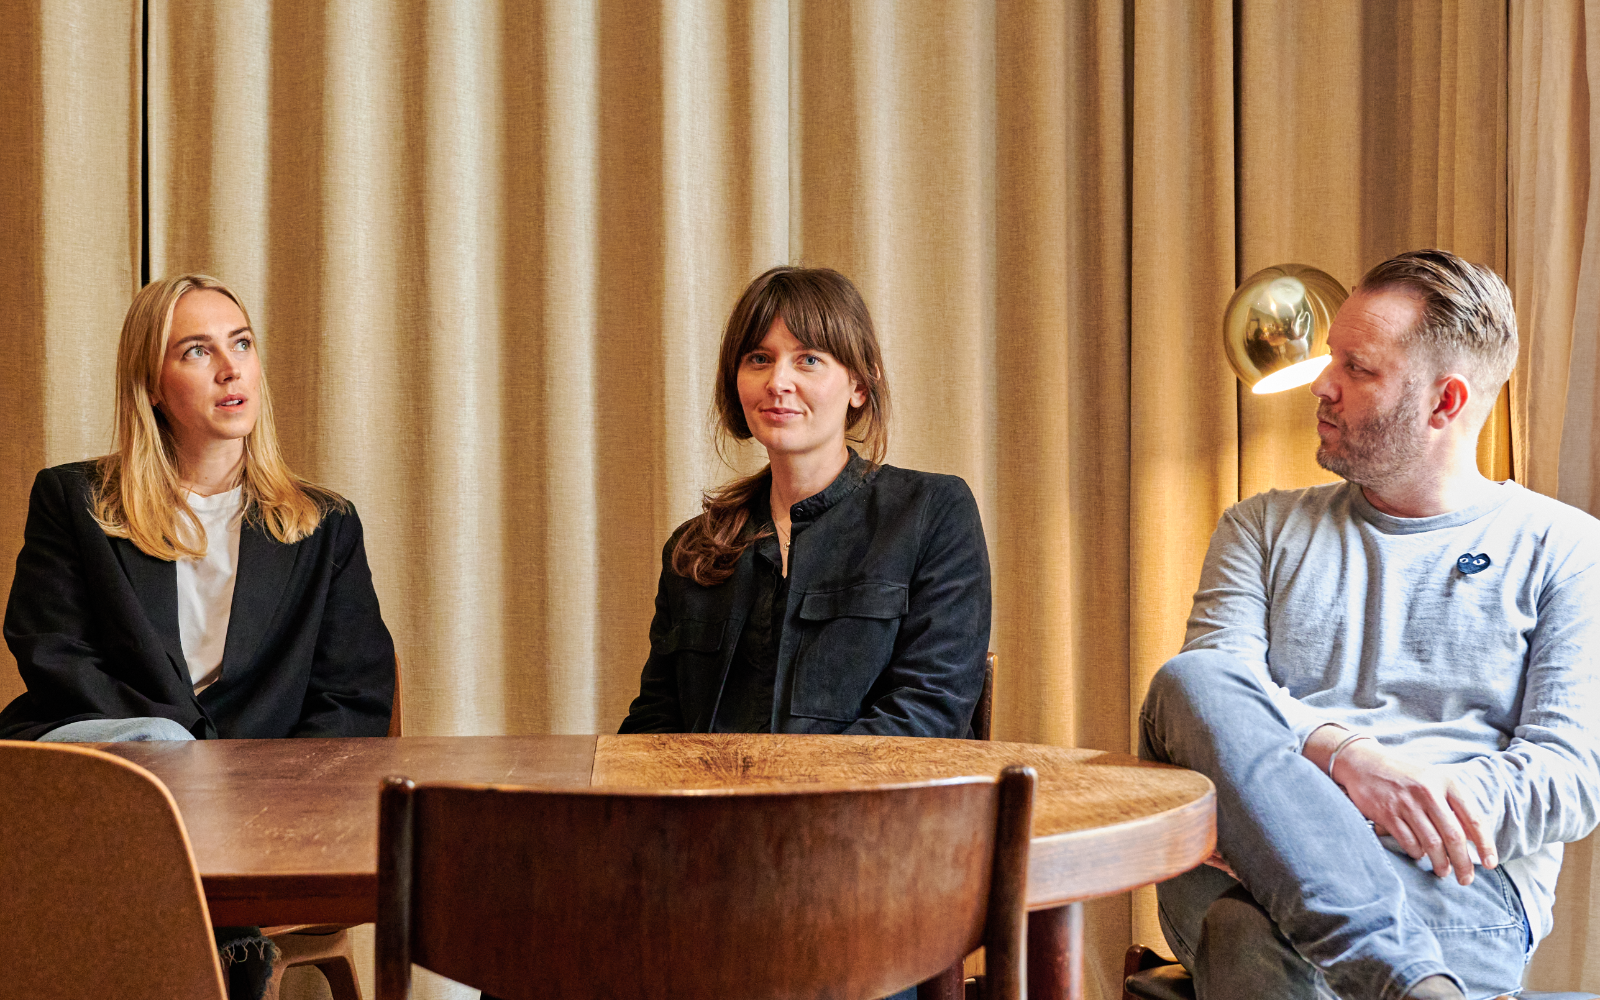 Projektgruppen som jobbar med Grammis på WDW Creative – Produktionsledaren Fanny Axelsson, projektledaren Camilla Heurlin och creative director Jon Bergsman, som också är en av de två grundarna av byrån. Foto: Lamin Kivelä.